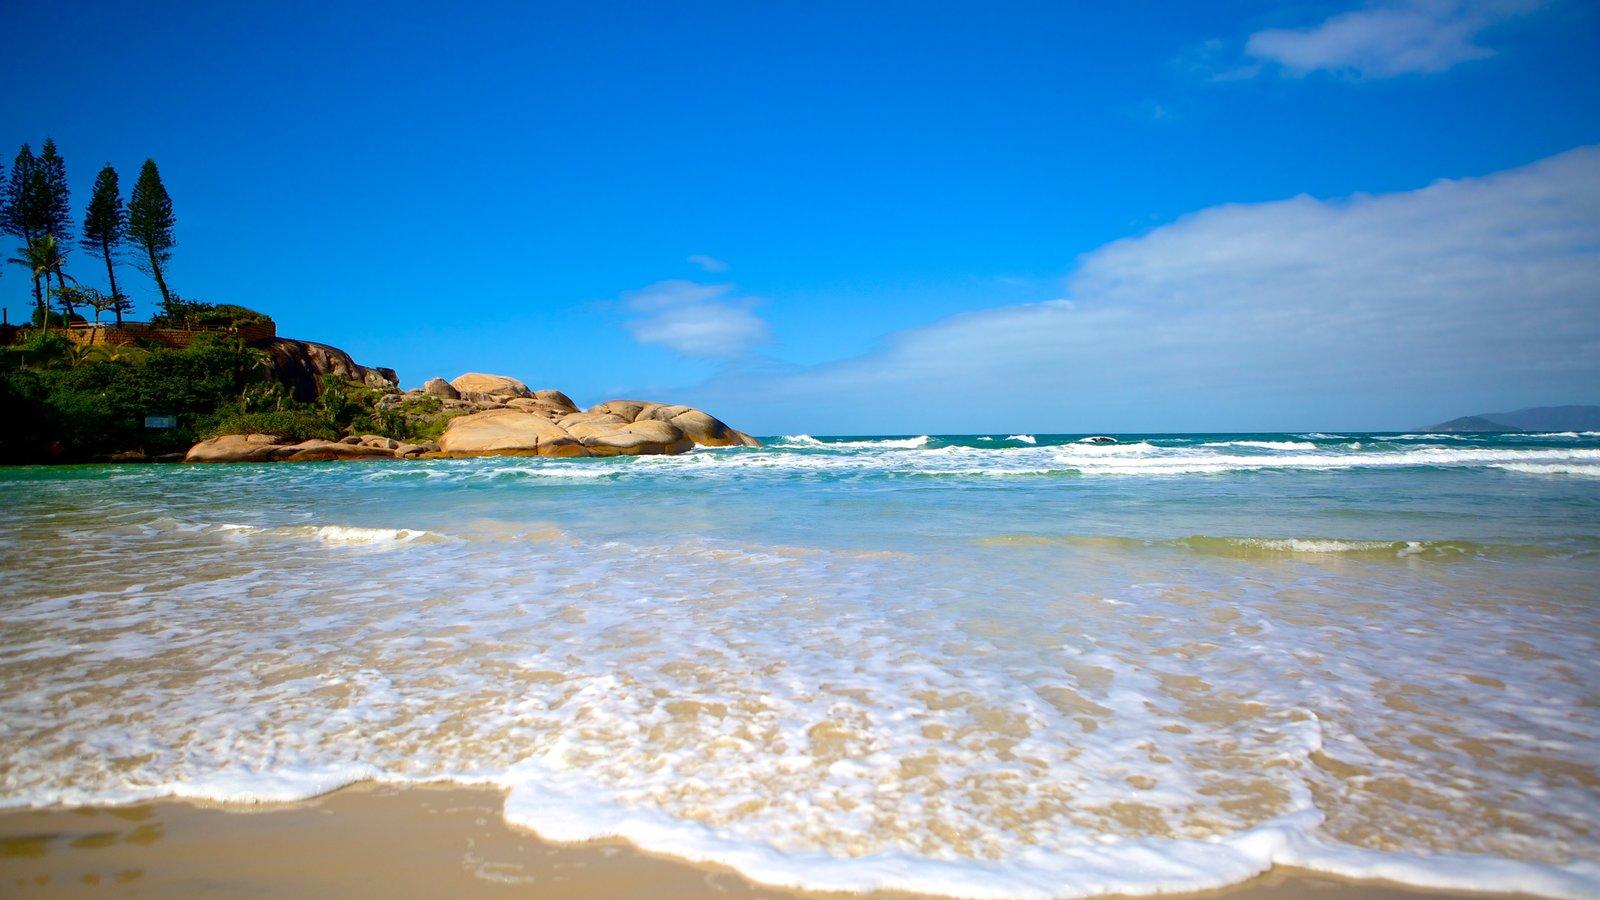 Praia da Joaquina caracterizando uma praia